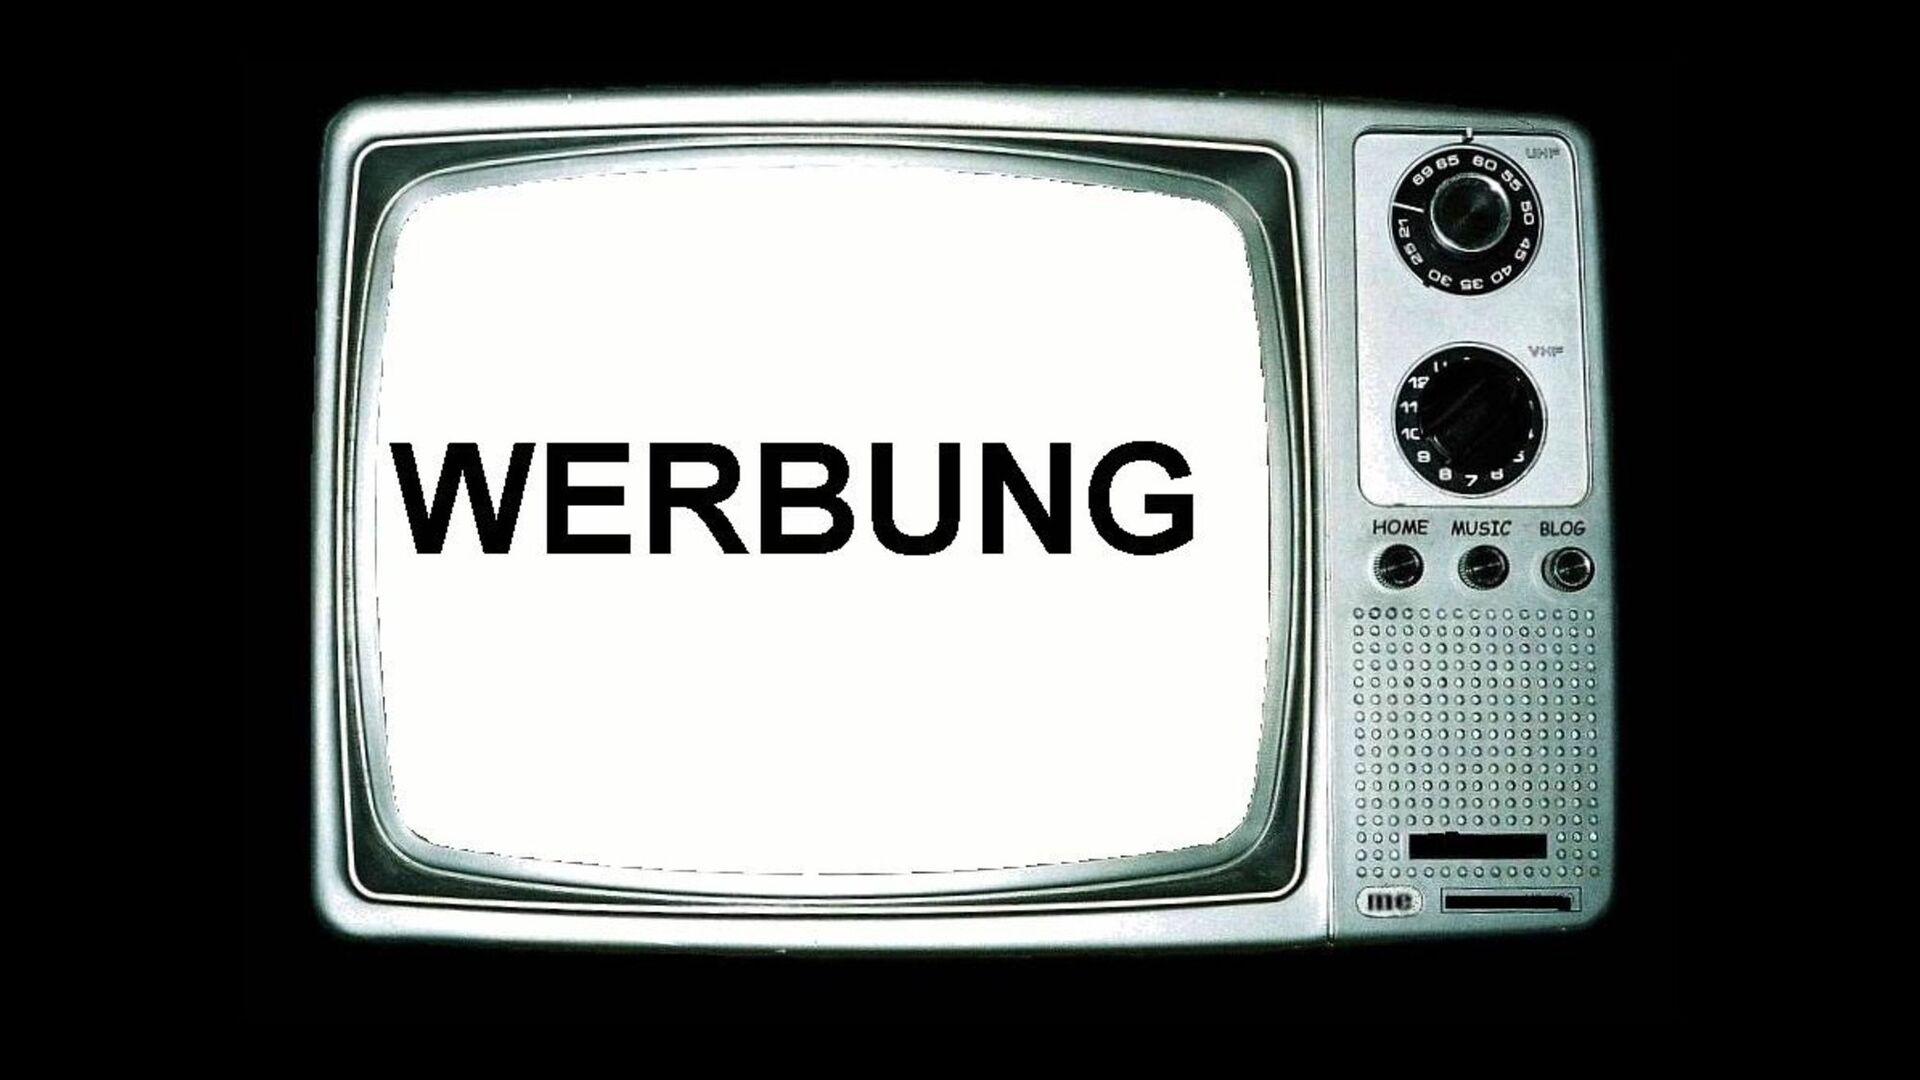 @hschwentner Literature